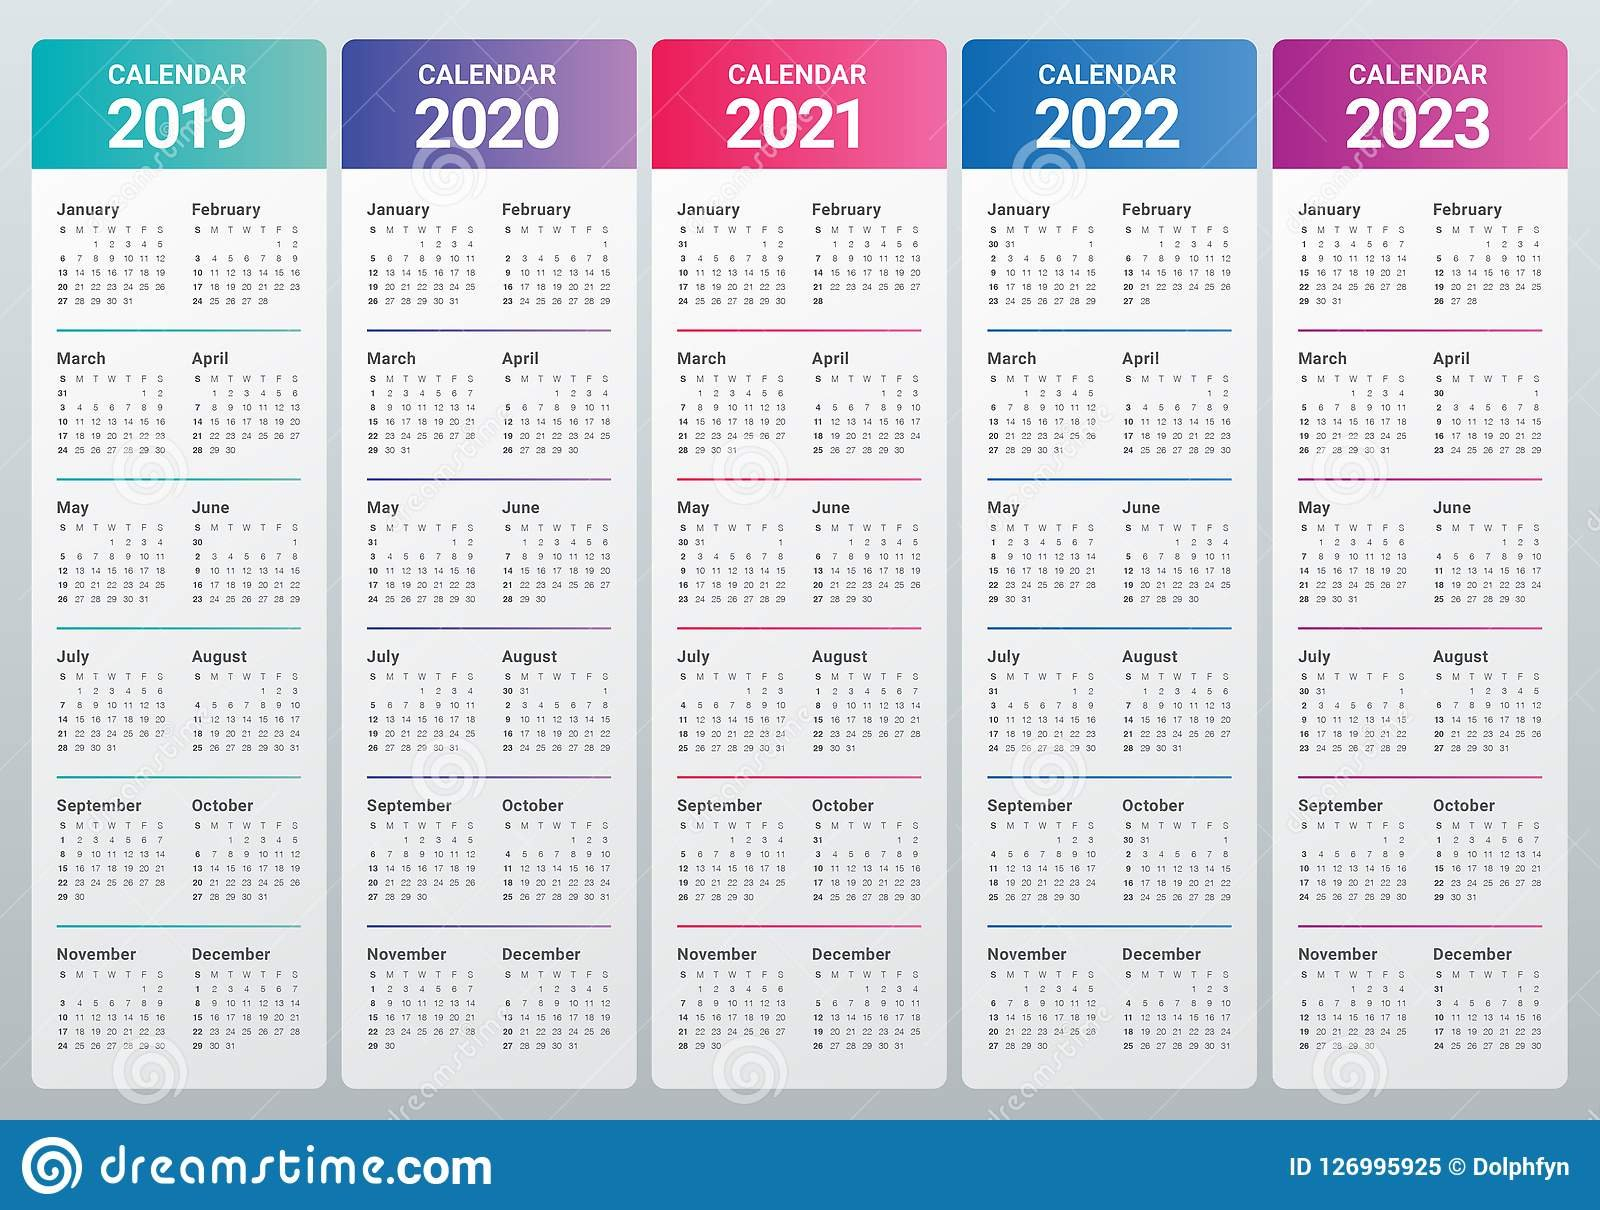 Year 2019 2020 2021 2022 2023 Calendar Vector Design Template Stock 5 Year Calendar 2019 To 2023 Printable